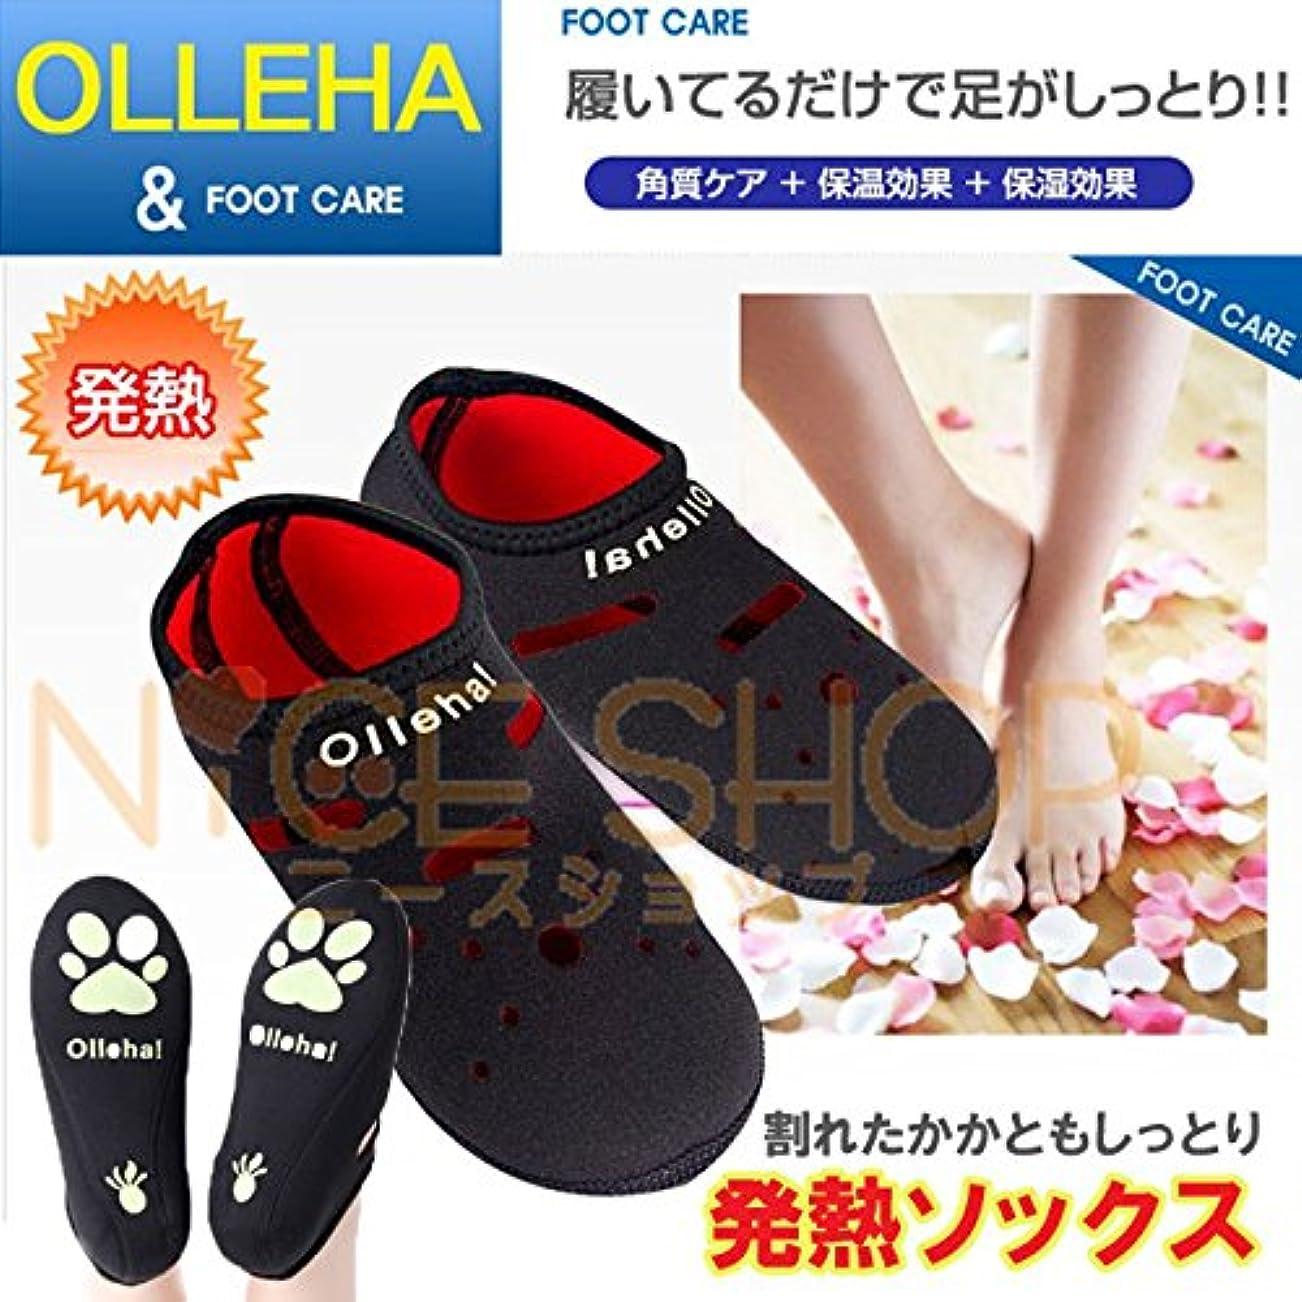 不器用ジョットディボンドン禁止する発熱靴下(足袋)発熱ソックス、フットケアー Olleha! (L(25.0~27.5))